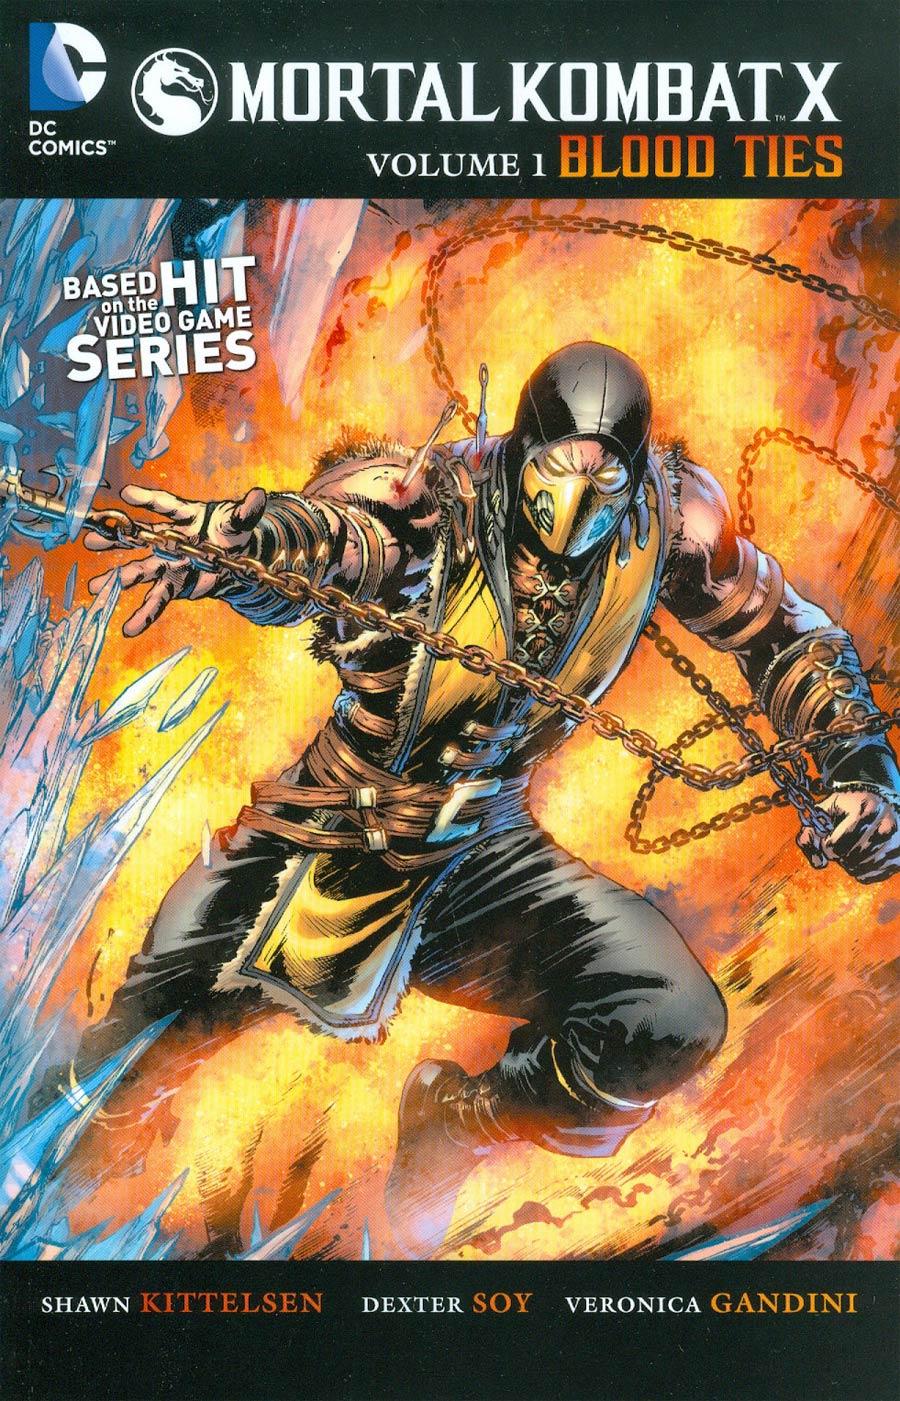 Mortal Kombat X Vol 1 TP